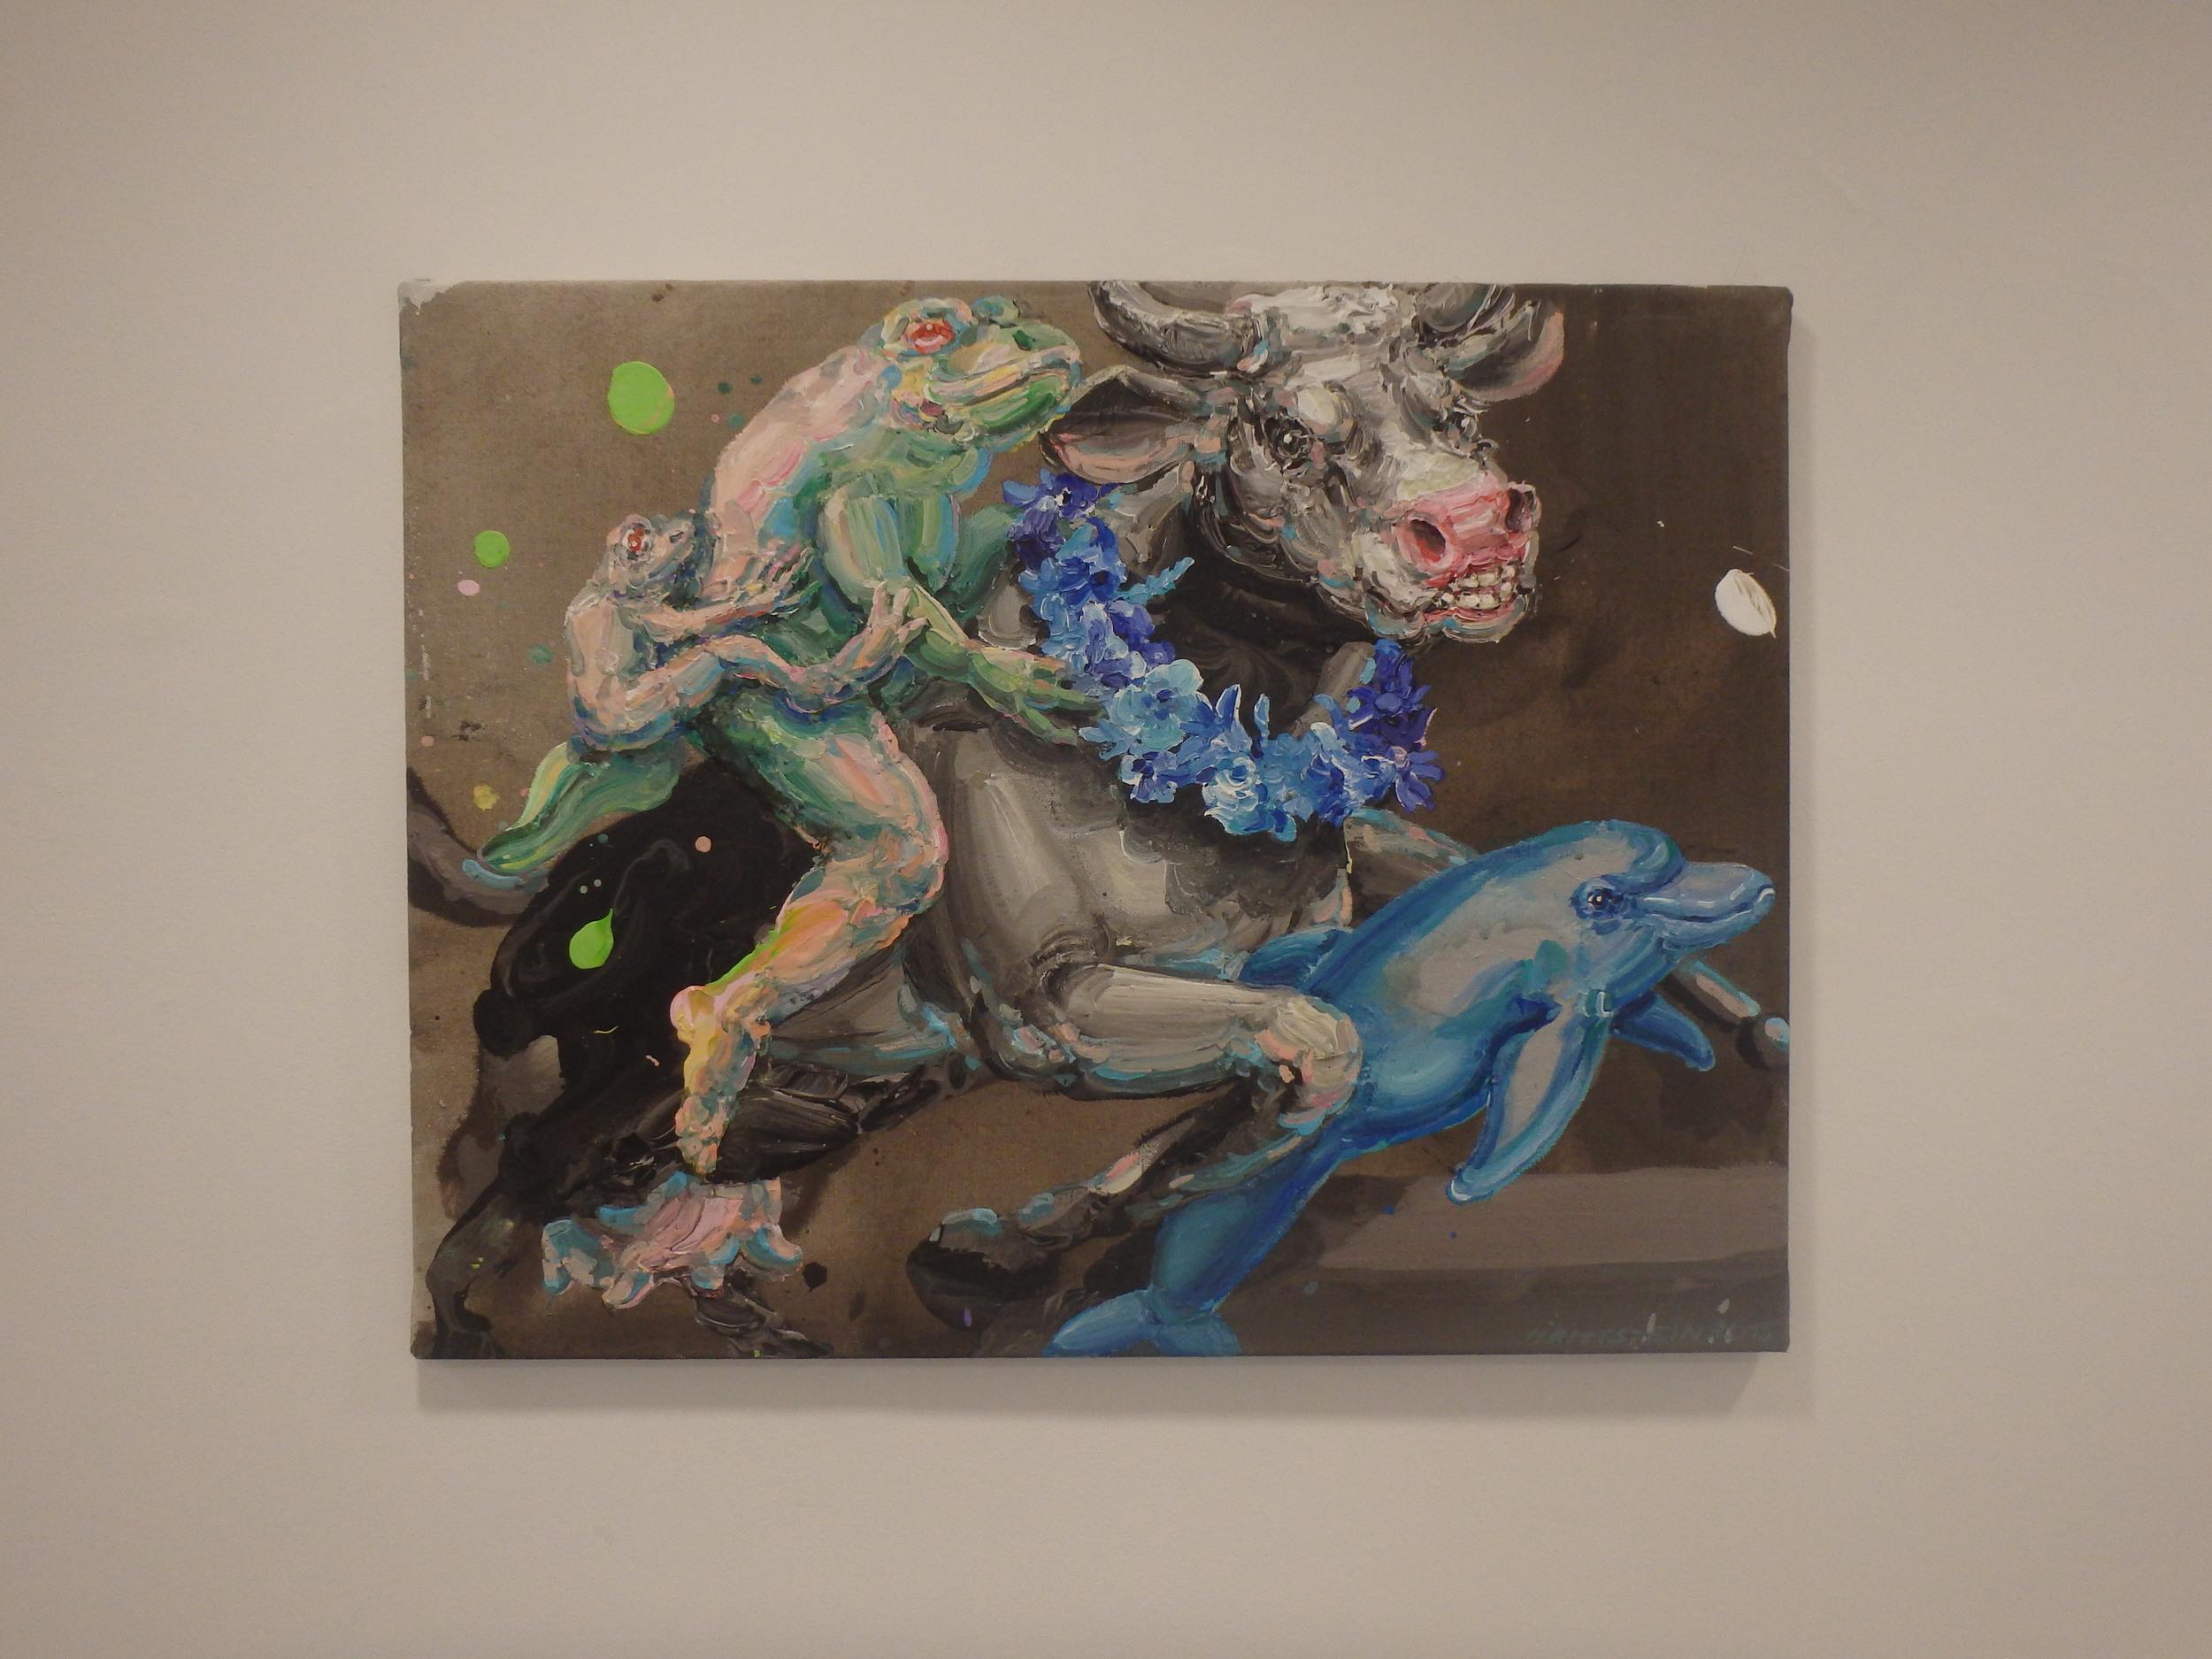 Michael Rittstein, Princ na krávě, 2015, plátno, akryl, 90 x 70 cm